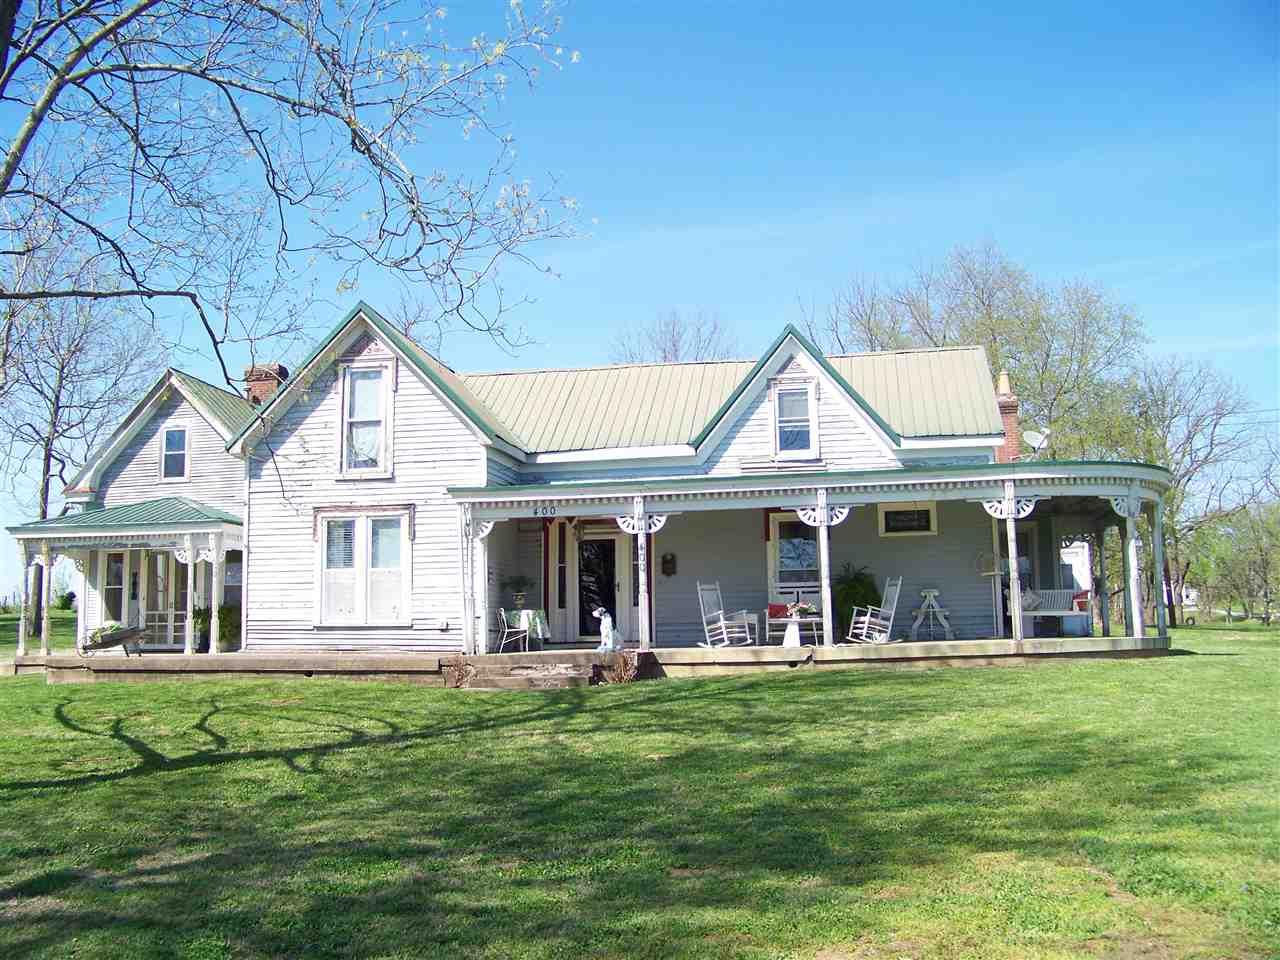 400 W Main Street, Fairfield, KY 40013